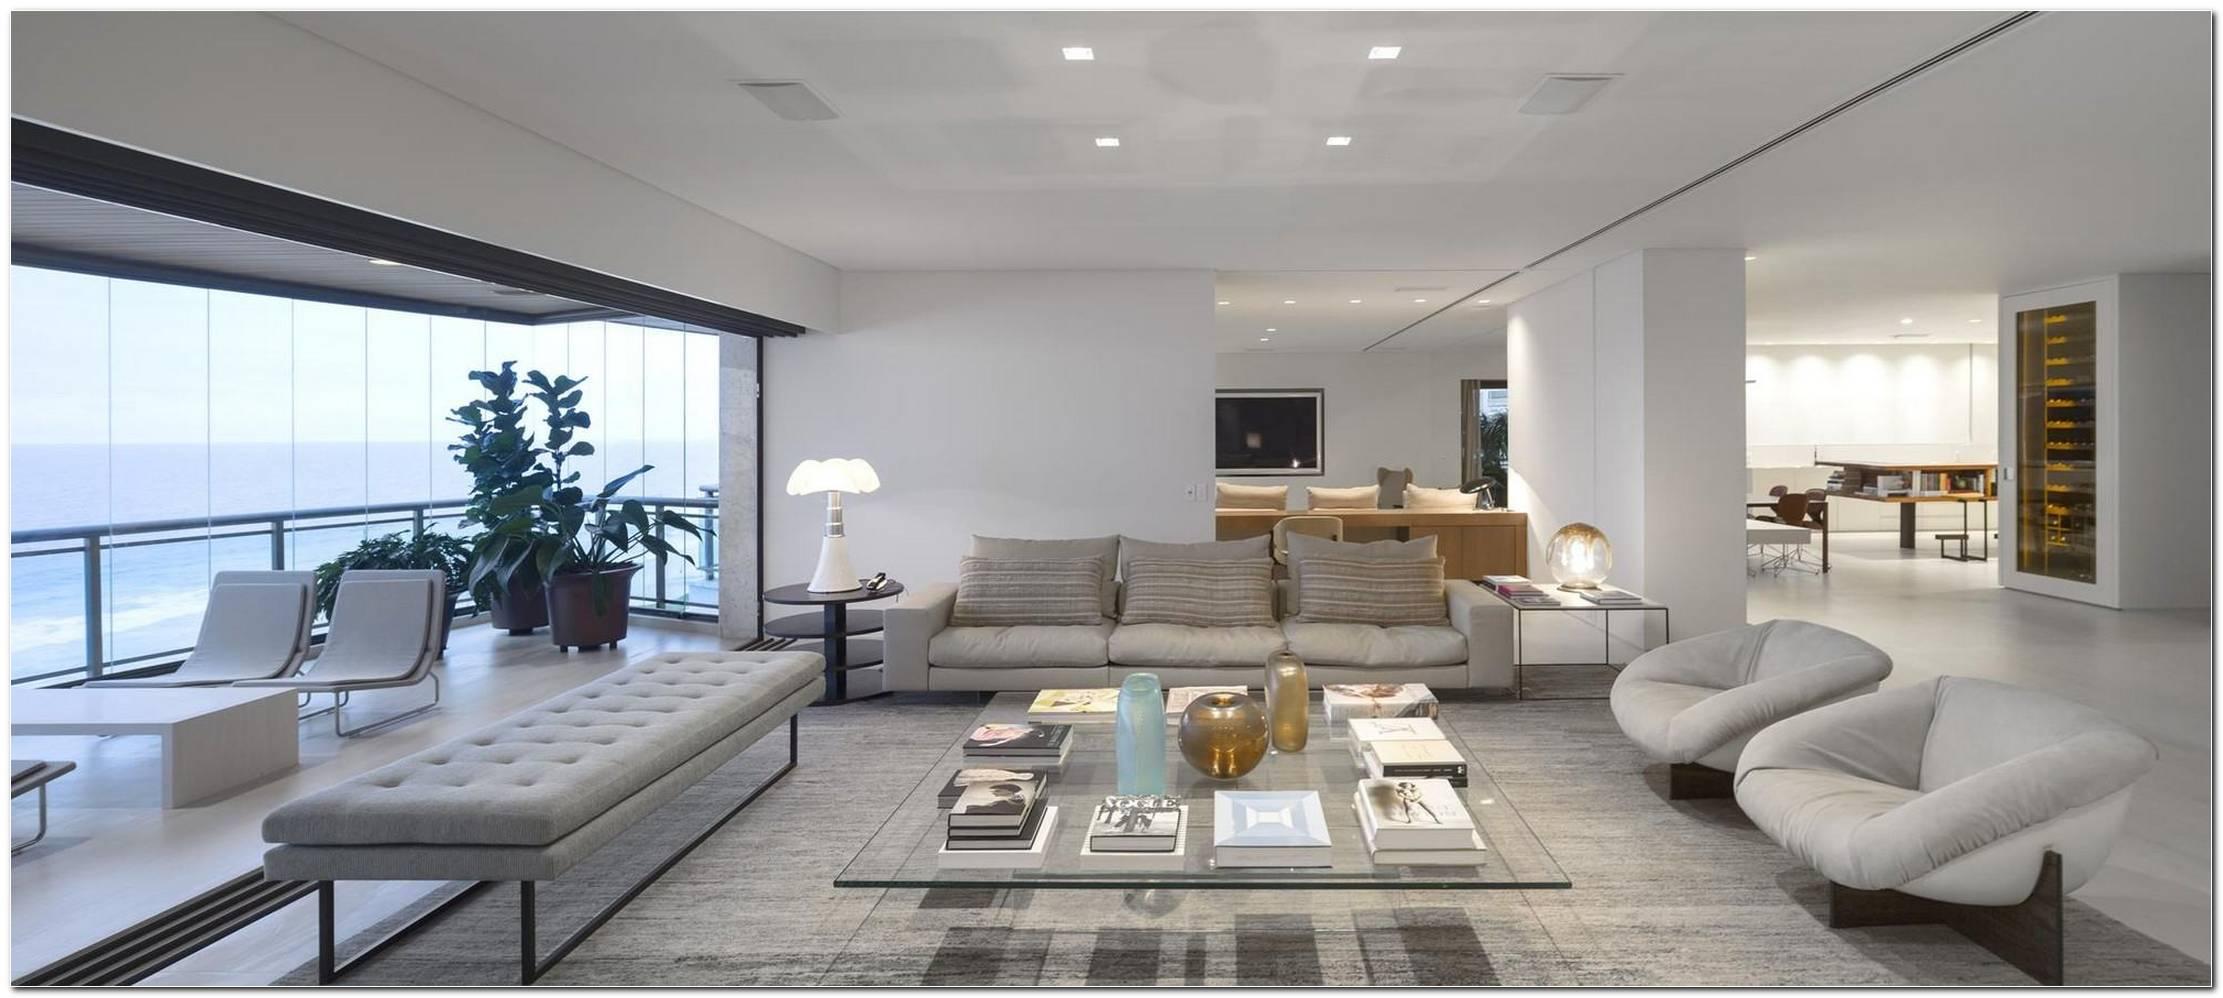 Salas De Estar Modernas E Luxuosas